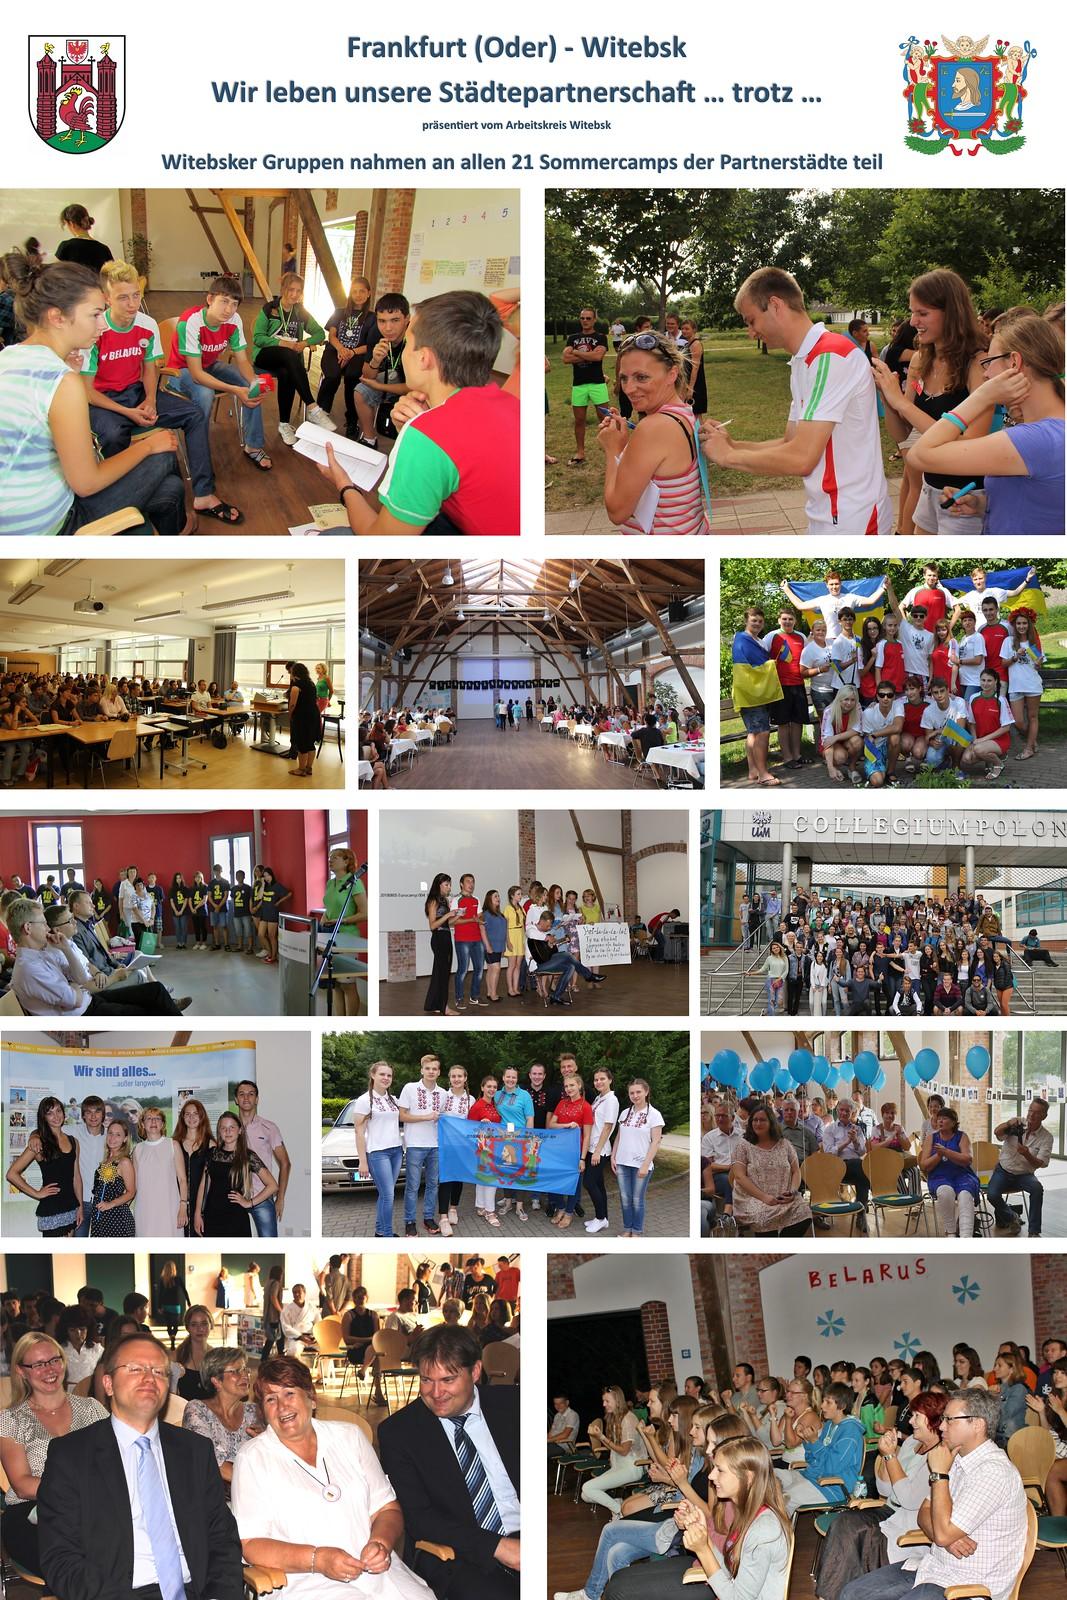 WitebskAusstellung Sommercamp2